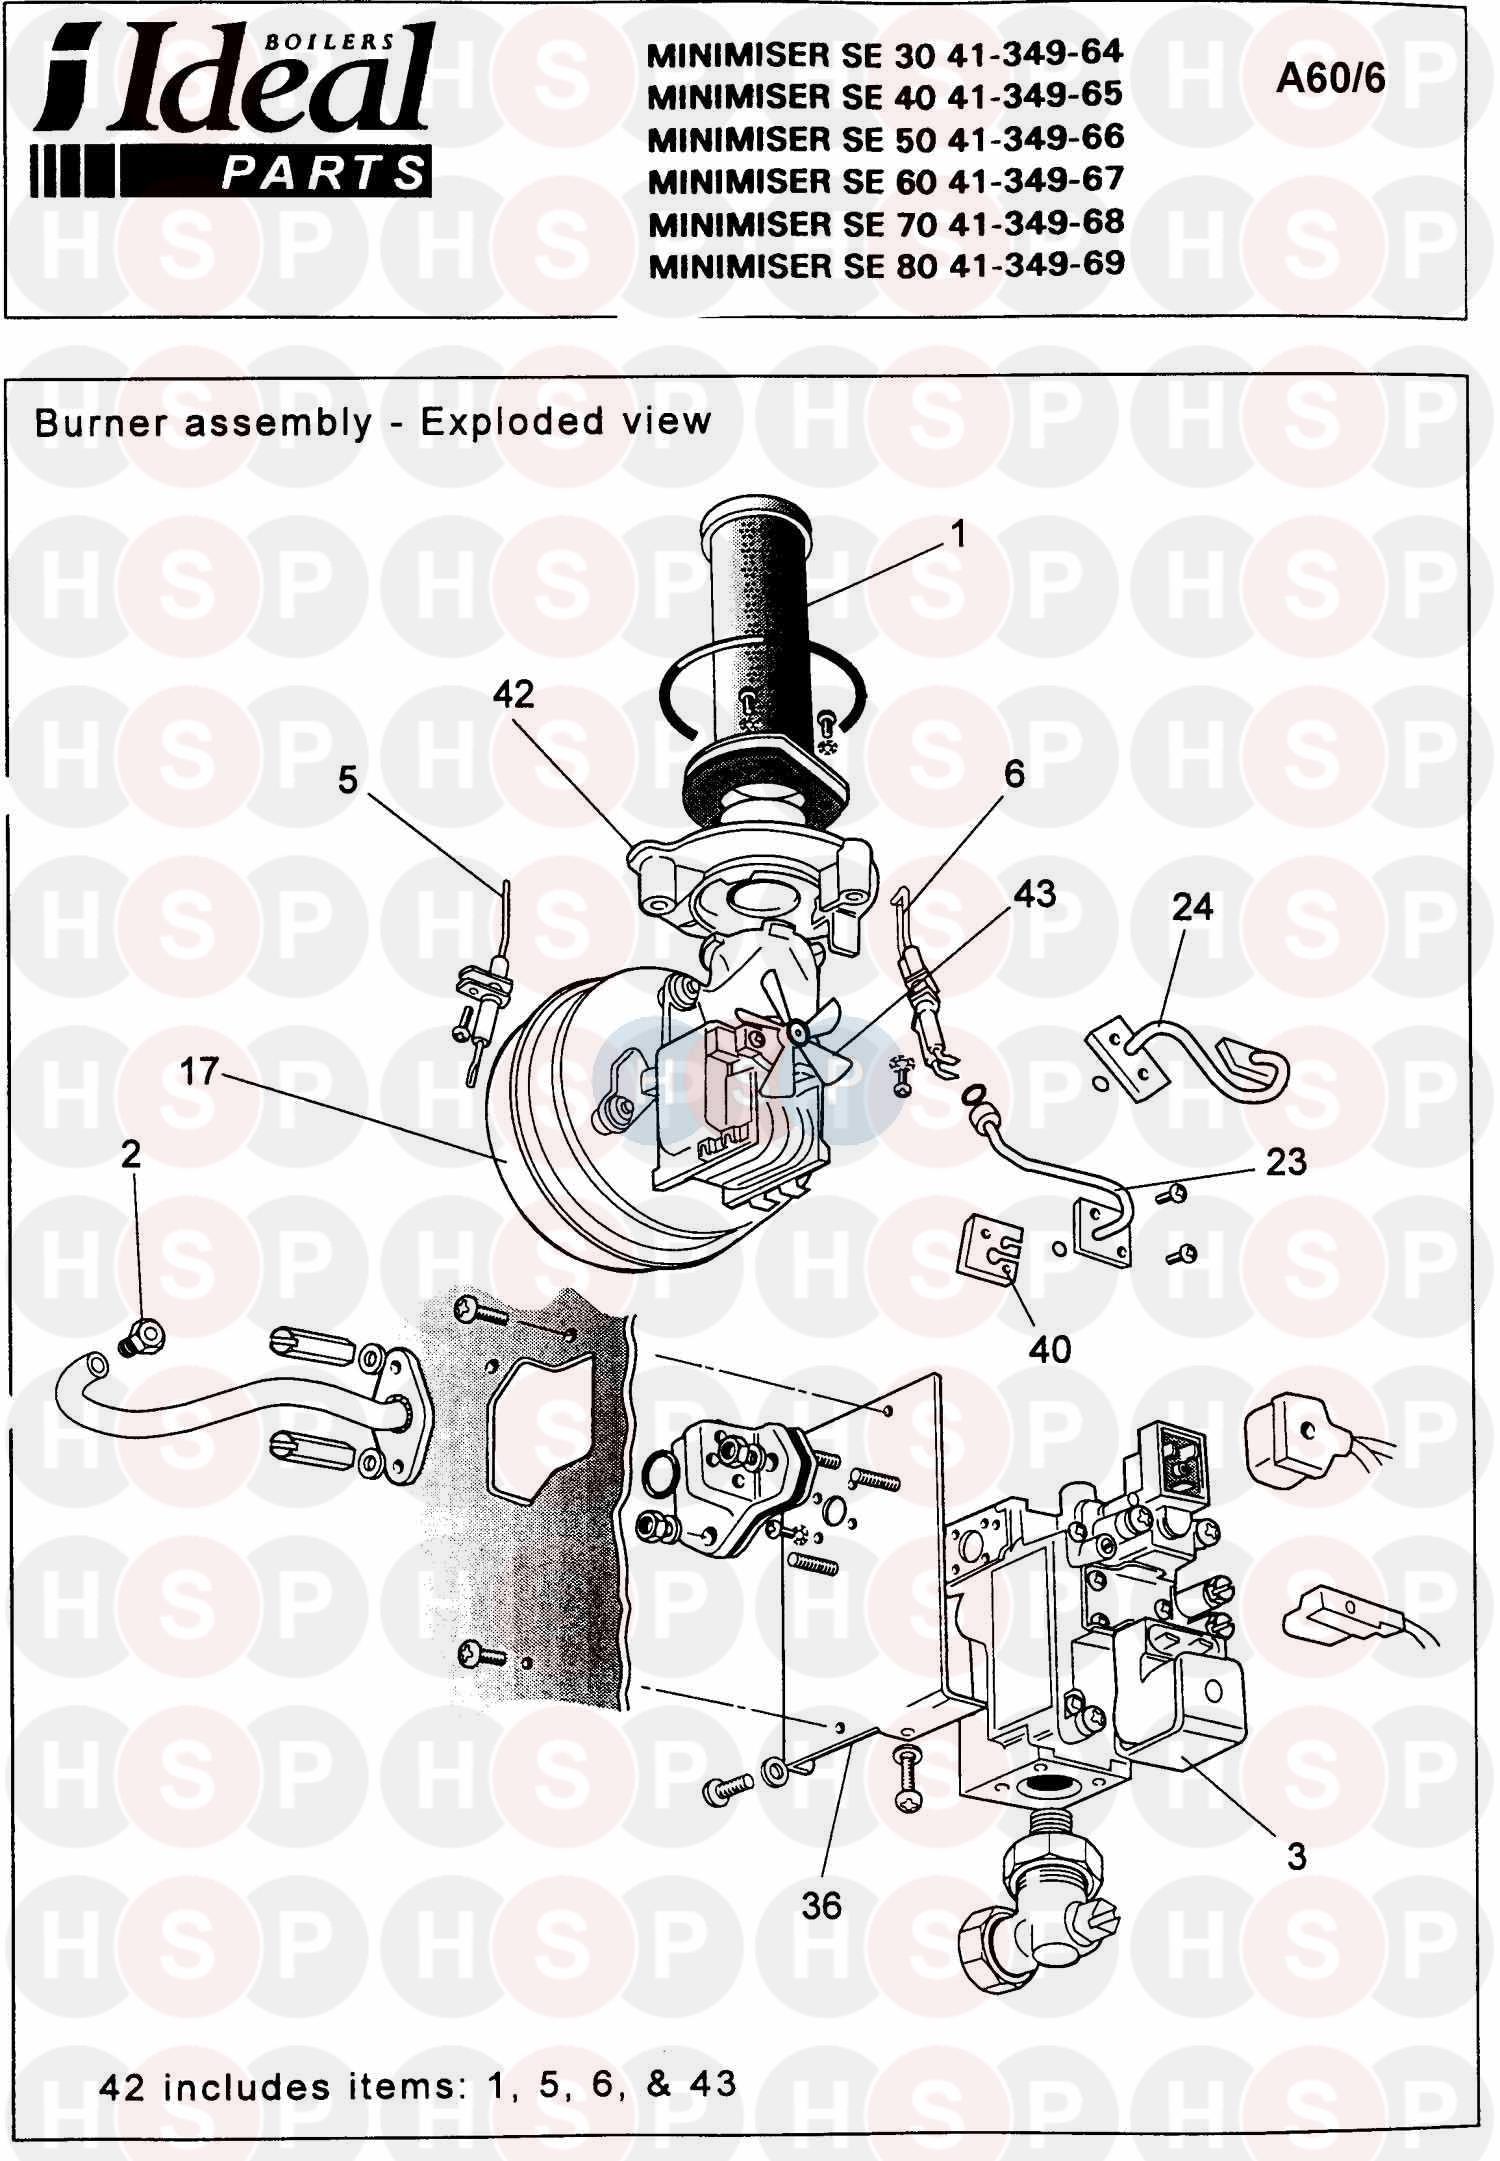 Ideal MINIMISER SE 60 Appliance Diagram (Burner Control